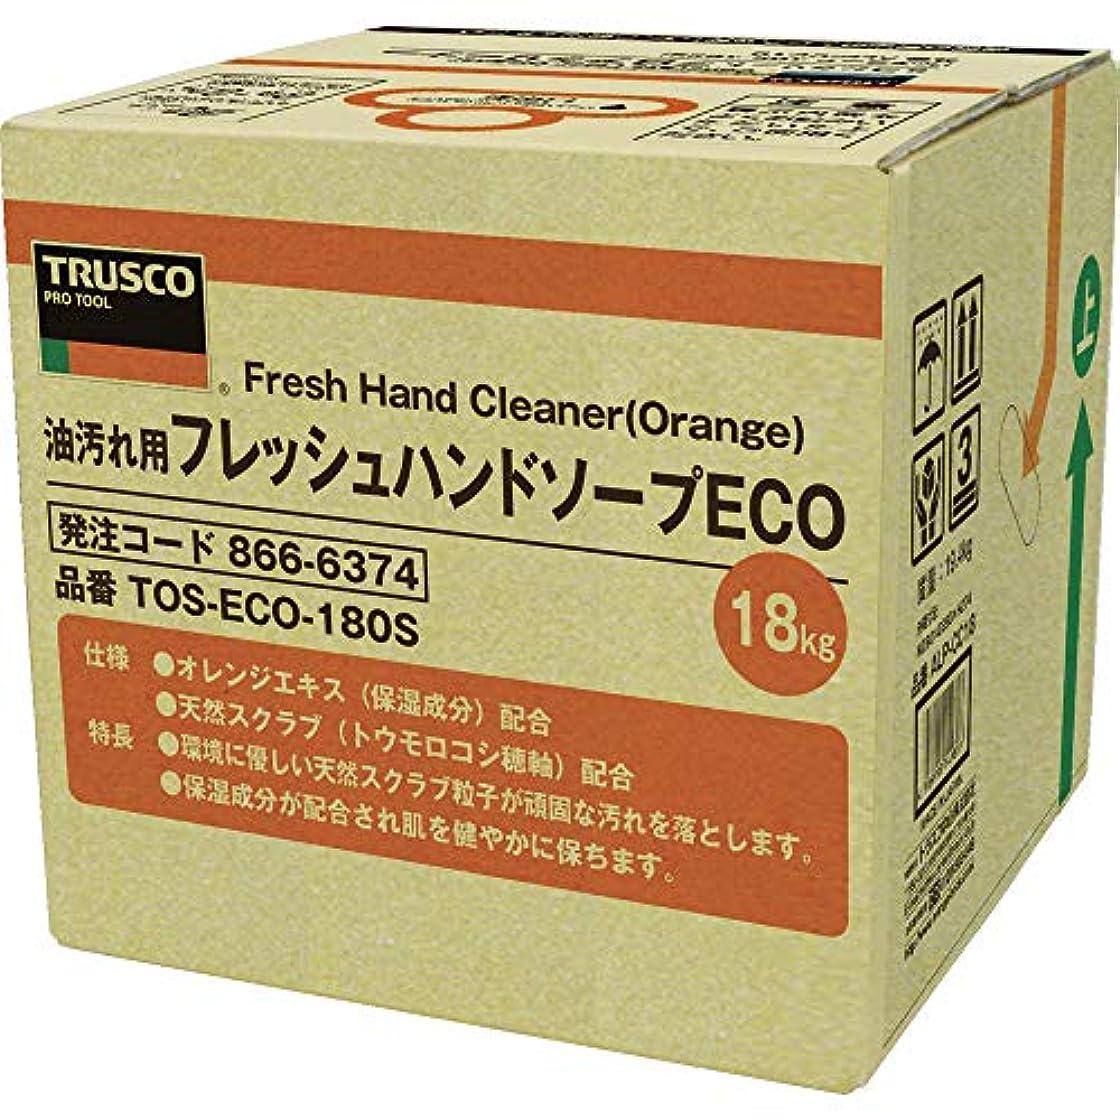 有益な何処方TRUSCO(トラスコ) フレッシュハンドソープECO 18L 詰替 バッグインボックス TOSECO180S